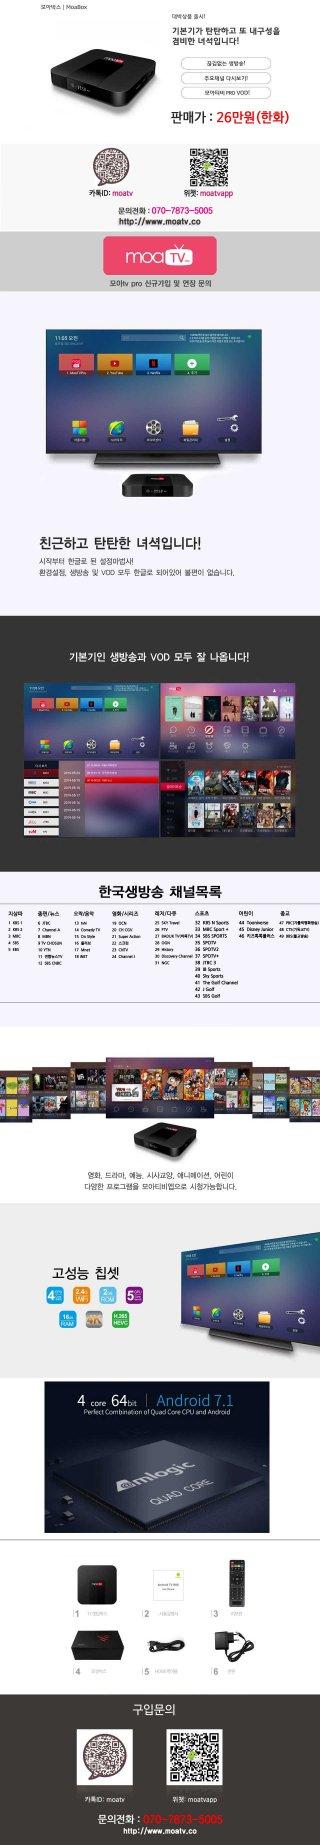 필리핀에서 한국방송 어떻게 보세요?